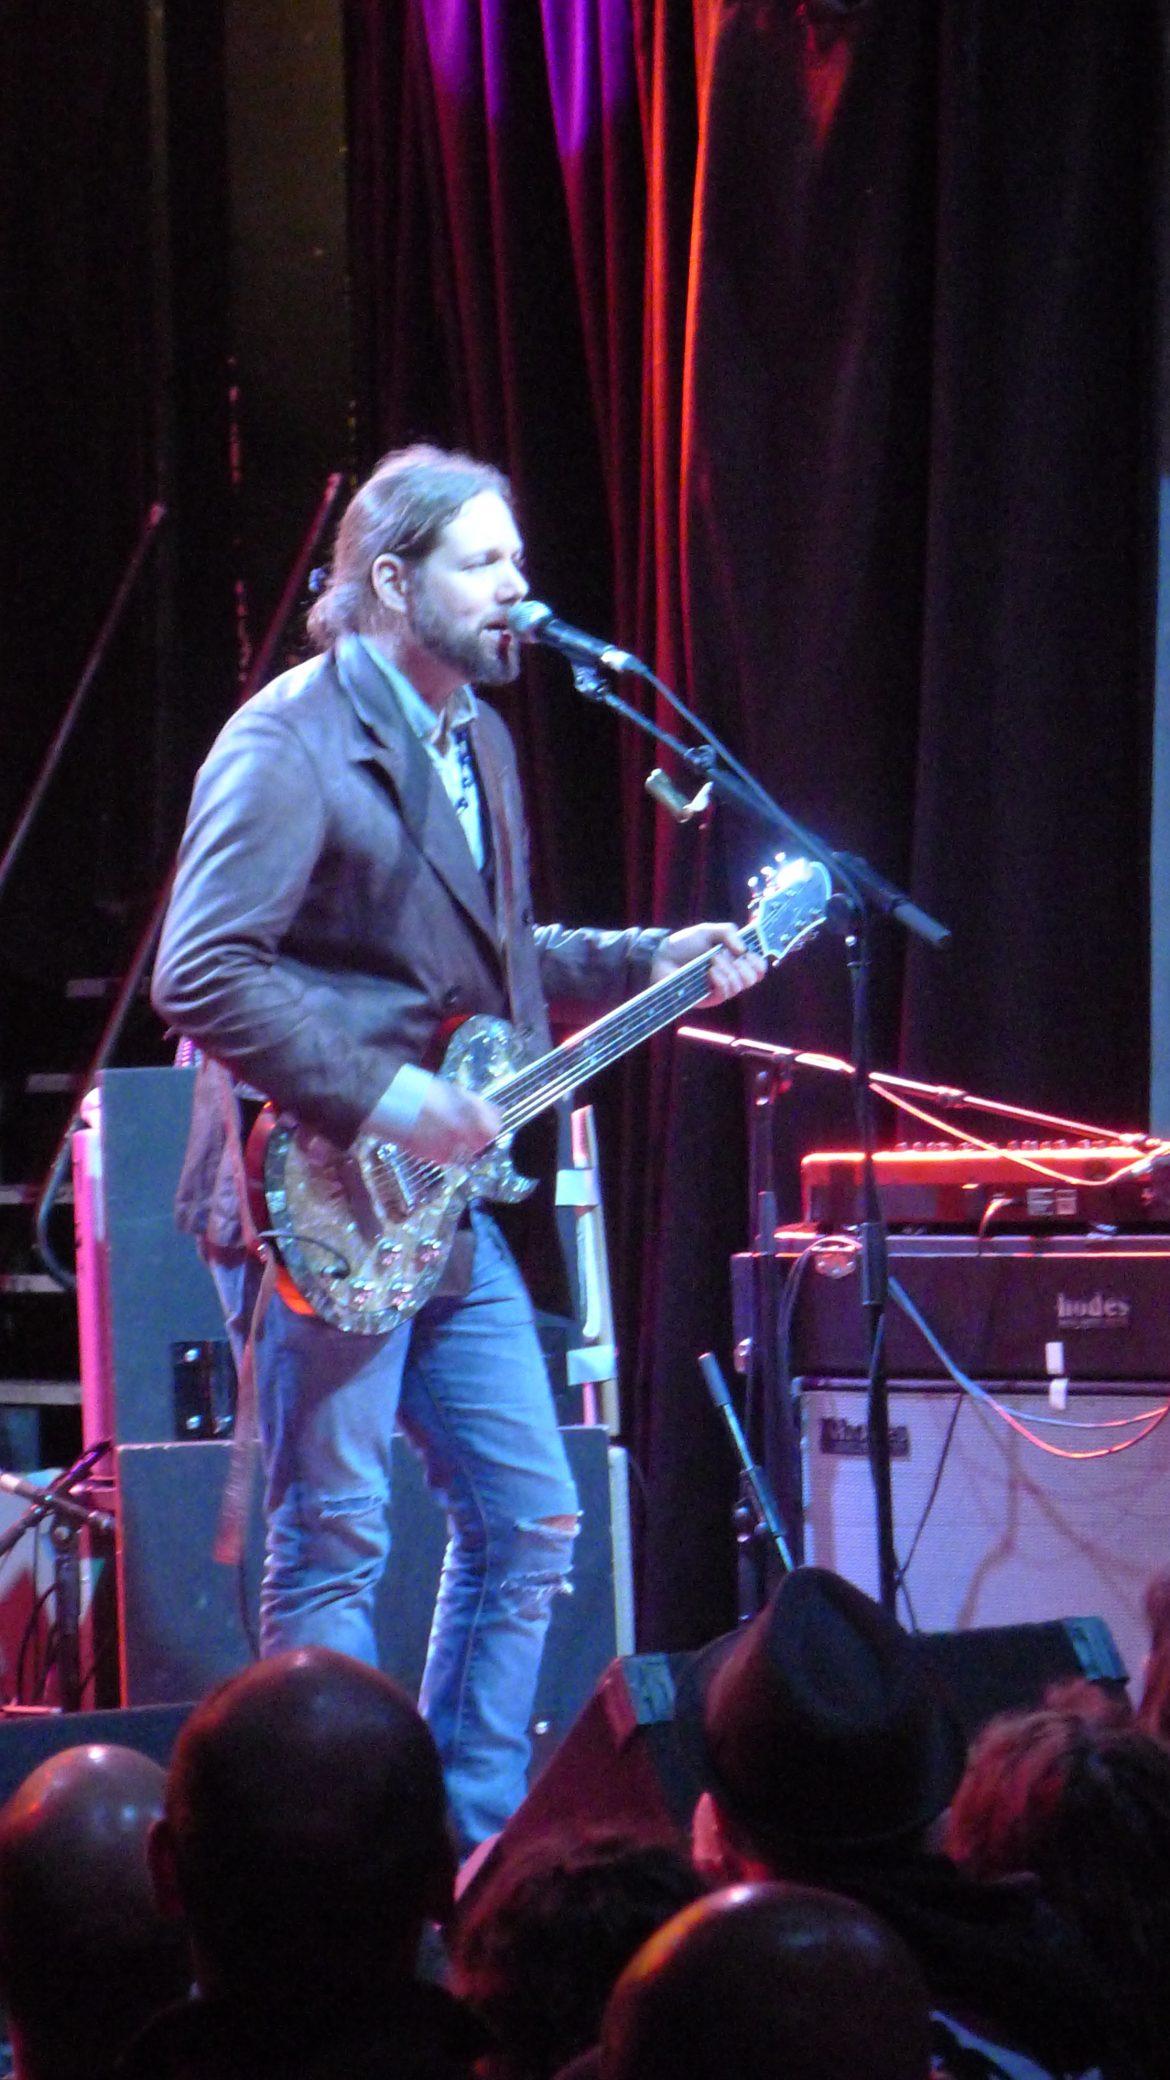 Rich Robinson en concierto, Madrid presentando Through A Crooked Sun 2012 European Tour